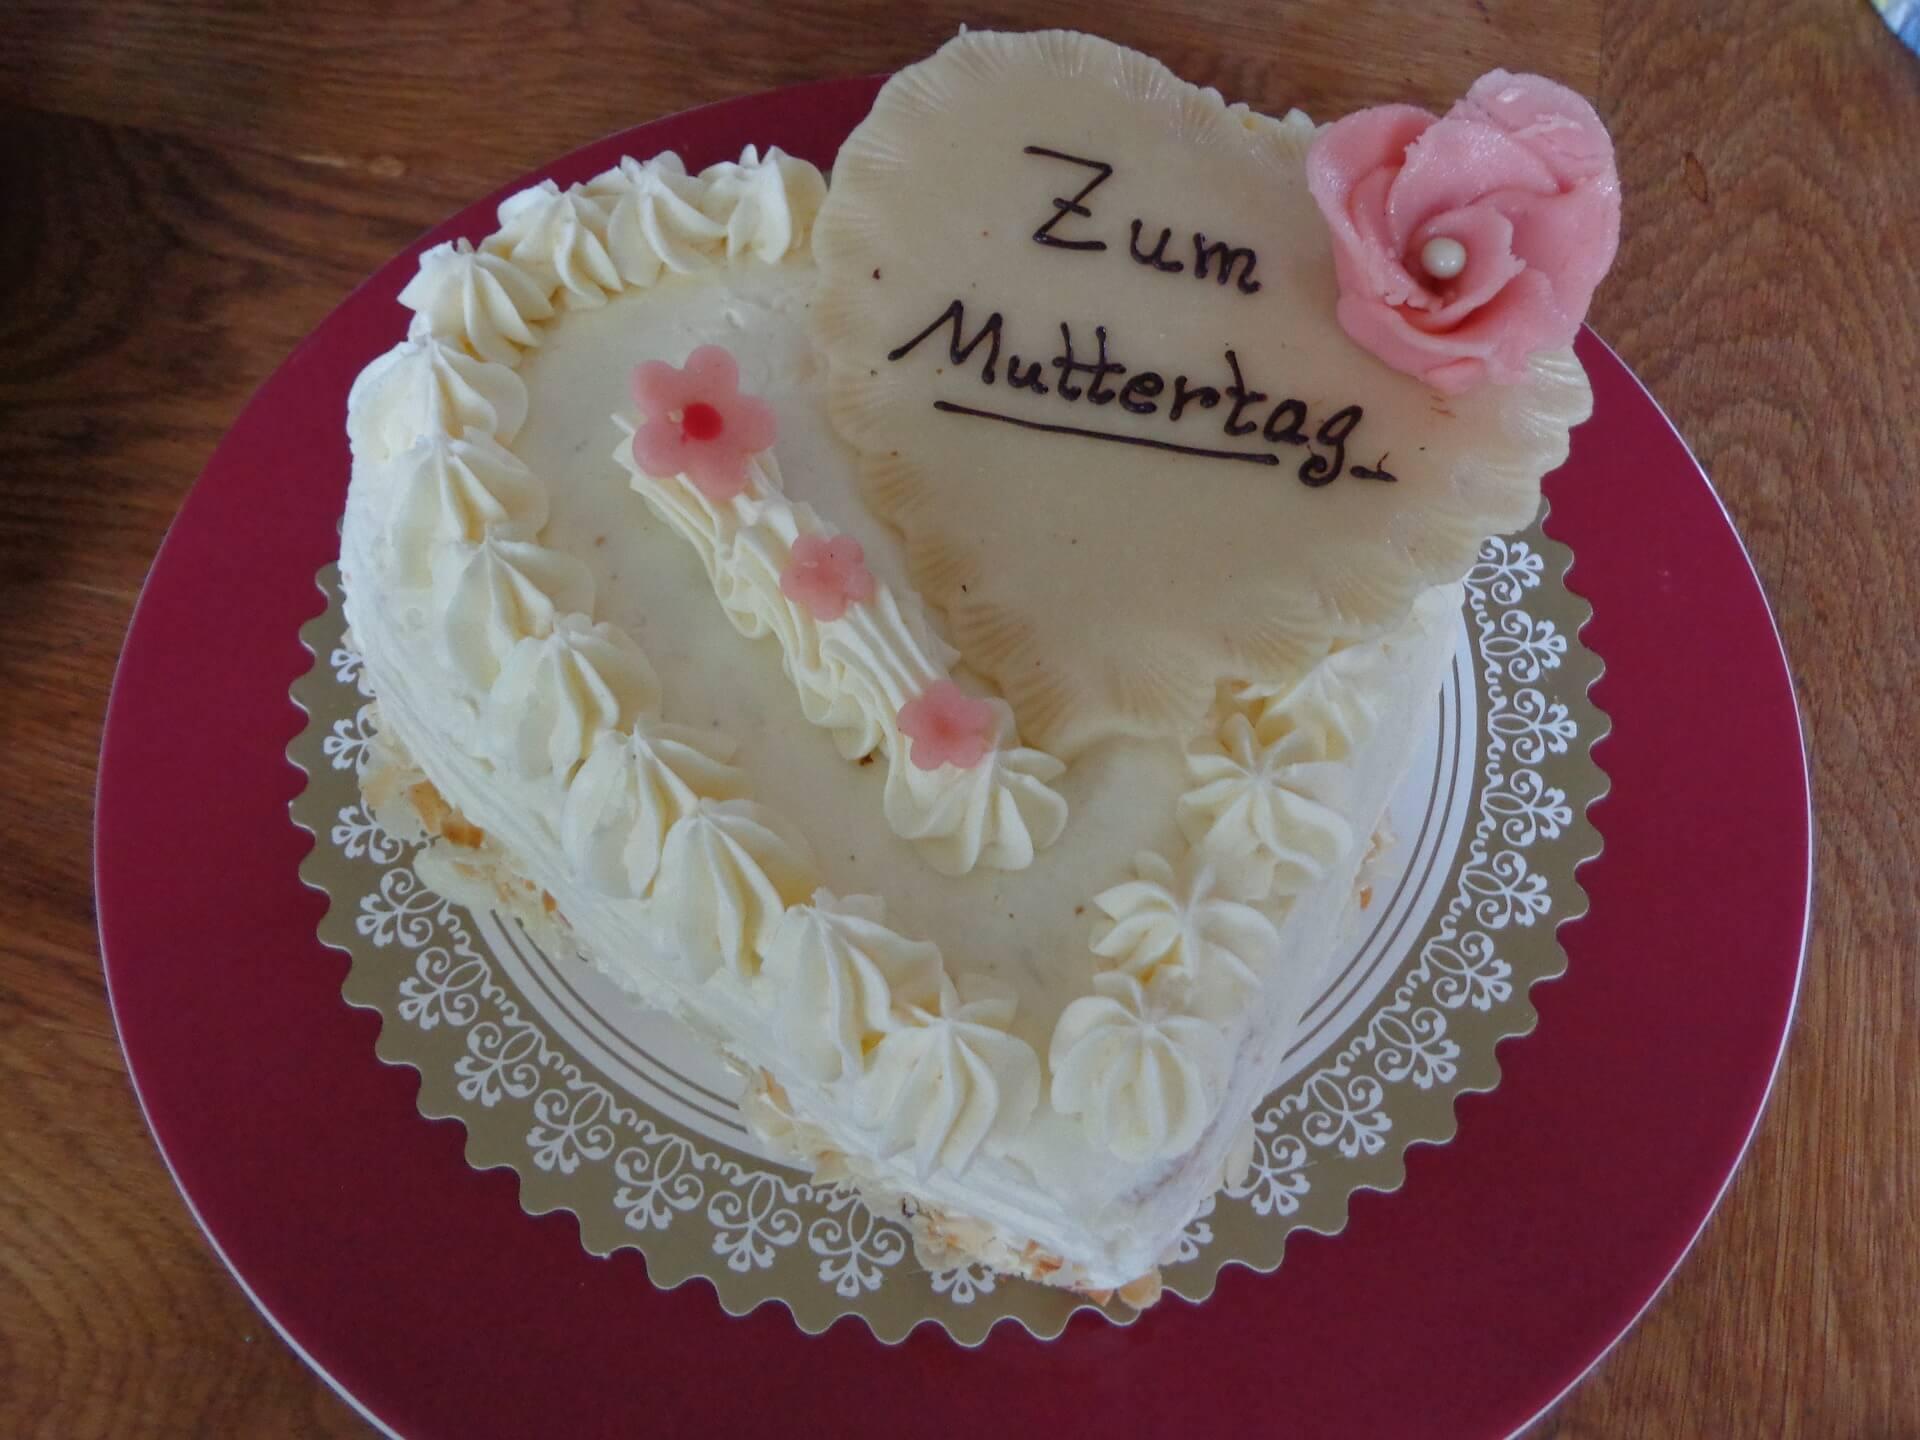 Torte zum Muttertag (c) Madrilena / pixabay.de